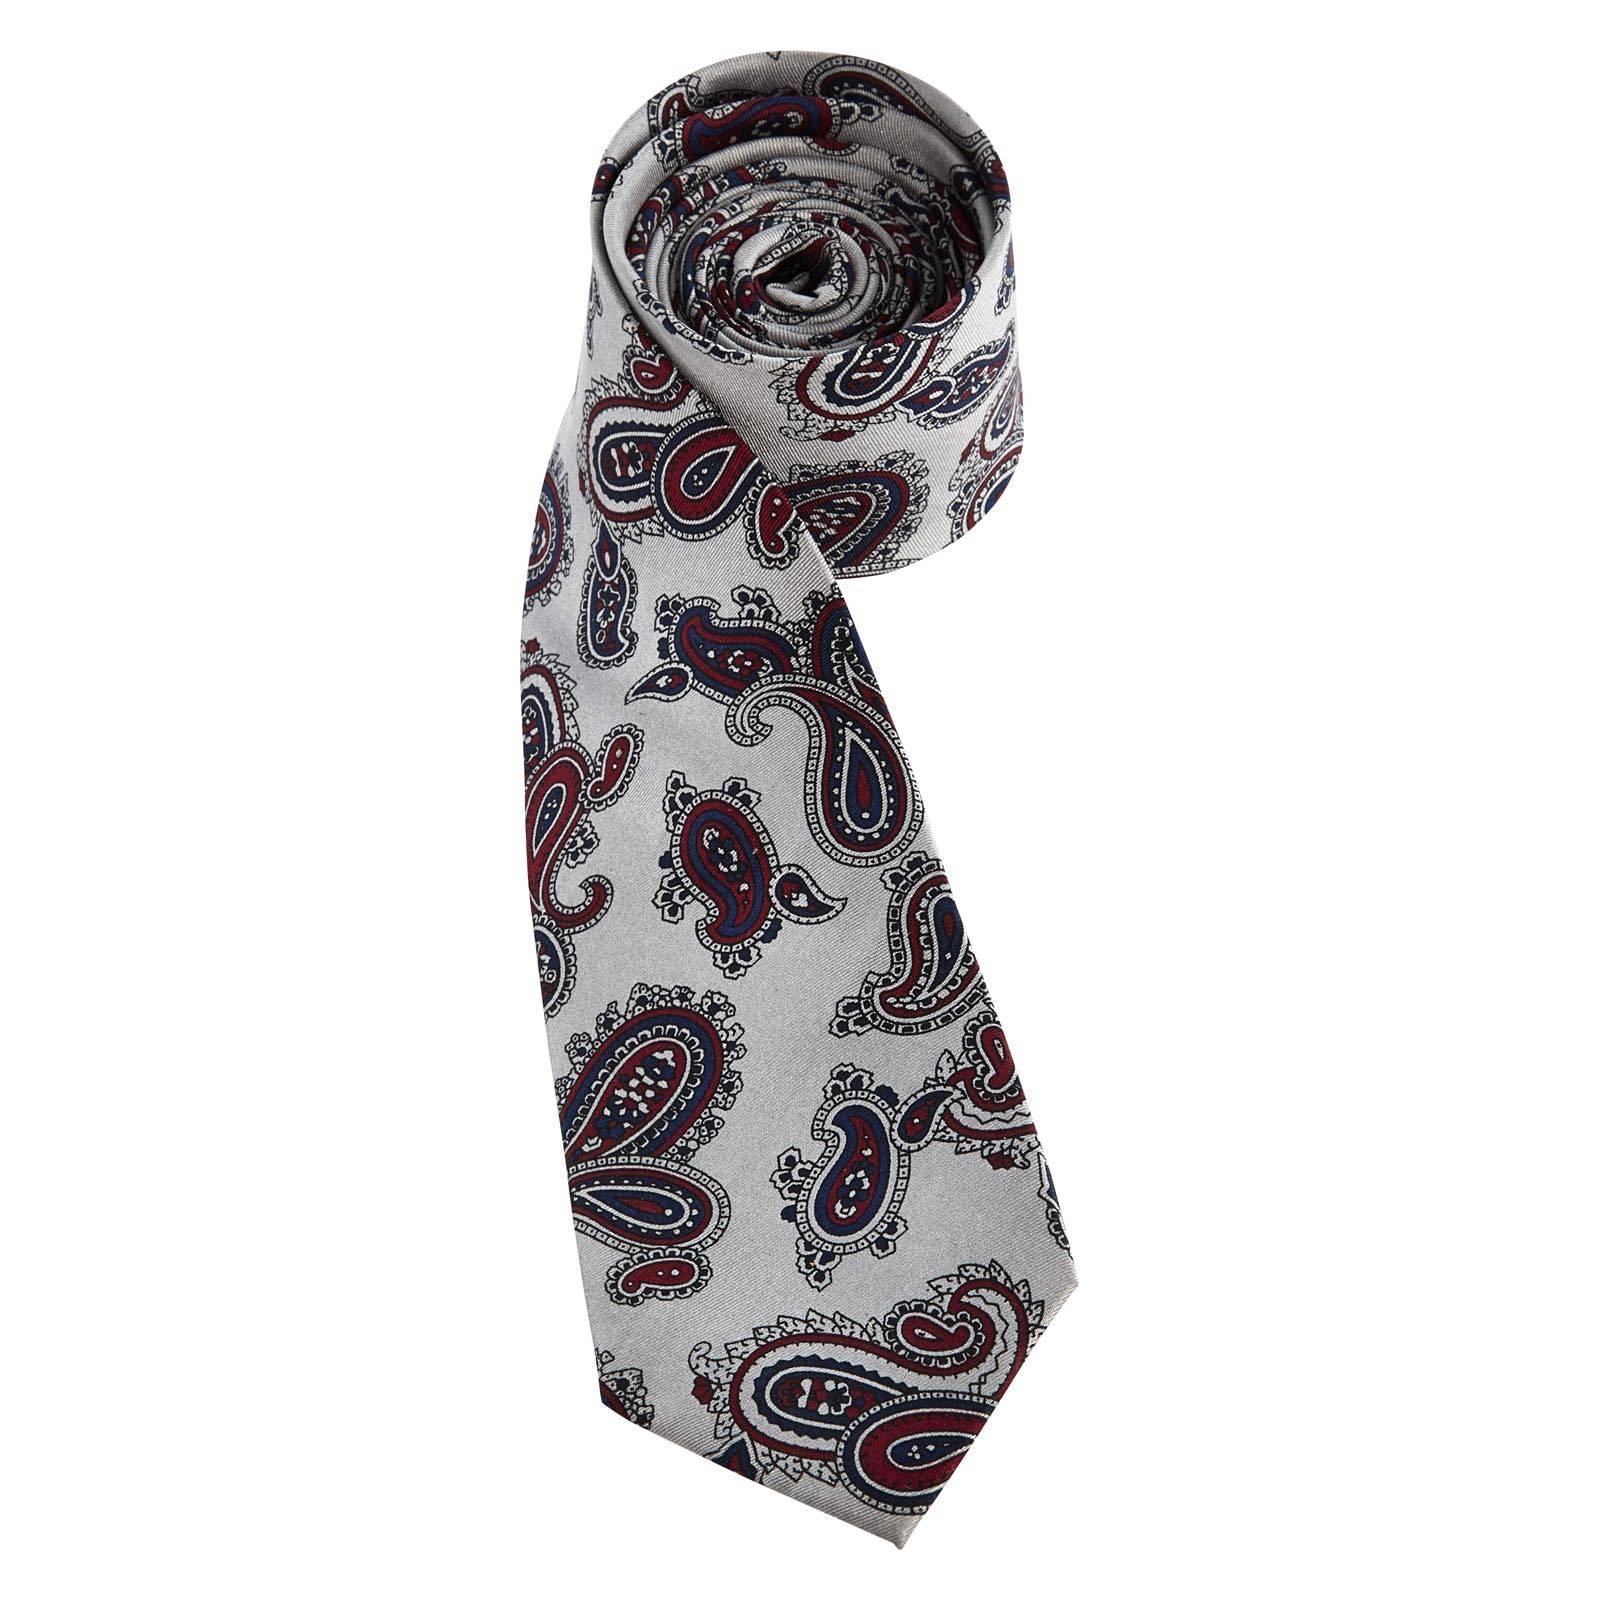 Галстук WellingАксессуары<br>Пижонский, узкий галстук унисекс из натурального шелка с классическим огуречным узором &amp;amp;quot;pasley&amp;amp;quot; великолепно подчеркнет официальный образ на строгой встрече, придав наряду щепотку изысканности и благородства. Также может носиться с V-neck трикотажем в smart casual луке. Особым писком будет соединить его с аналогичного орнамента хлопковой рубашкой Hull из той же коллекции. Если вы решили использовать его с костюмом, то, предпочтительно, выбирайте черный или темно-серый цвет пиджака.<br><br>Артикул: 1014214<br>Материал: 100% шёлк<br>Цвет: серый<br>Пол: Унисекс